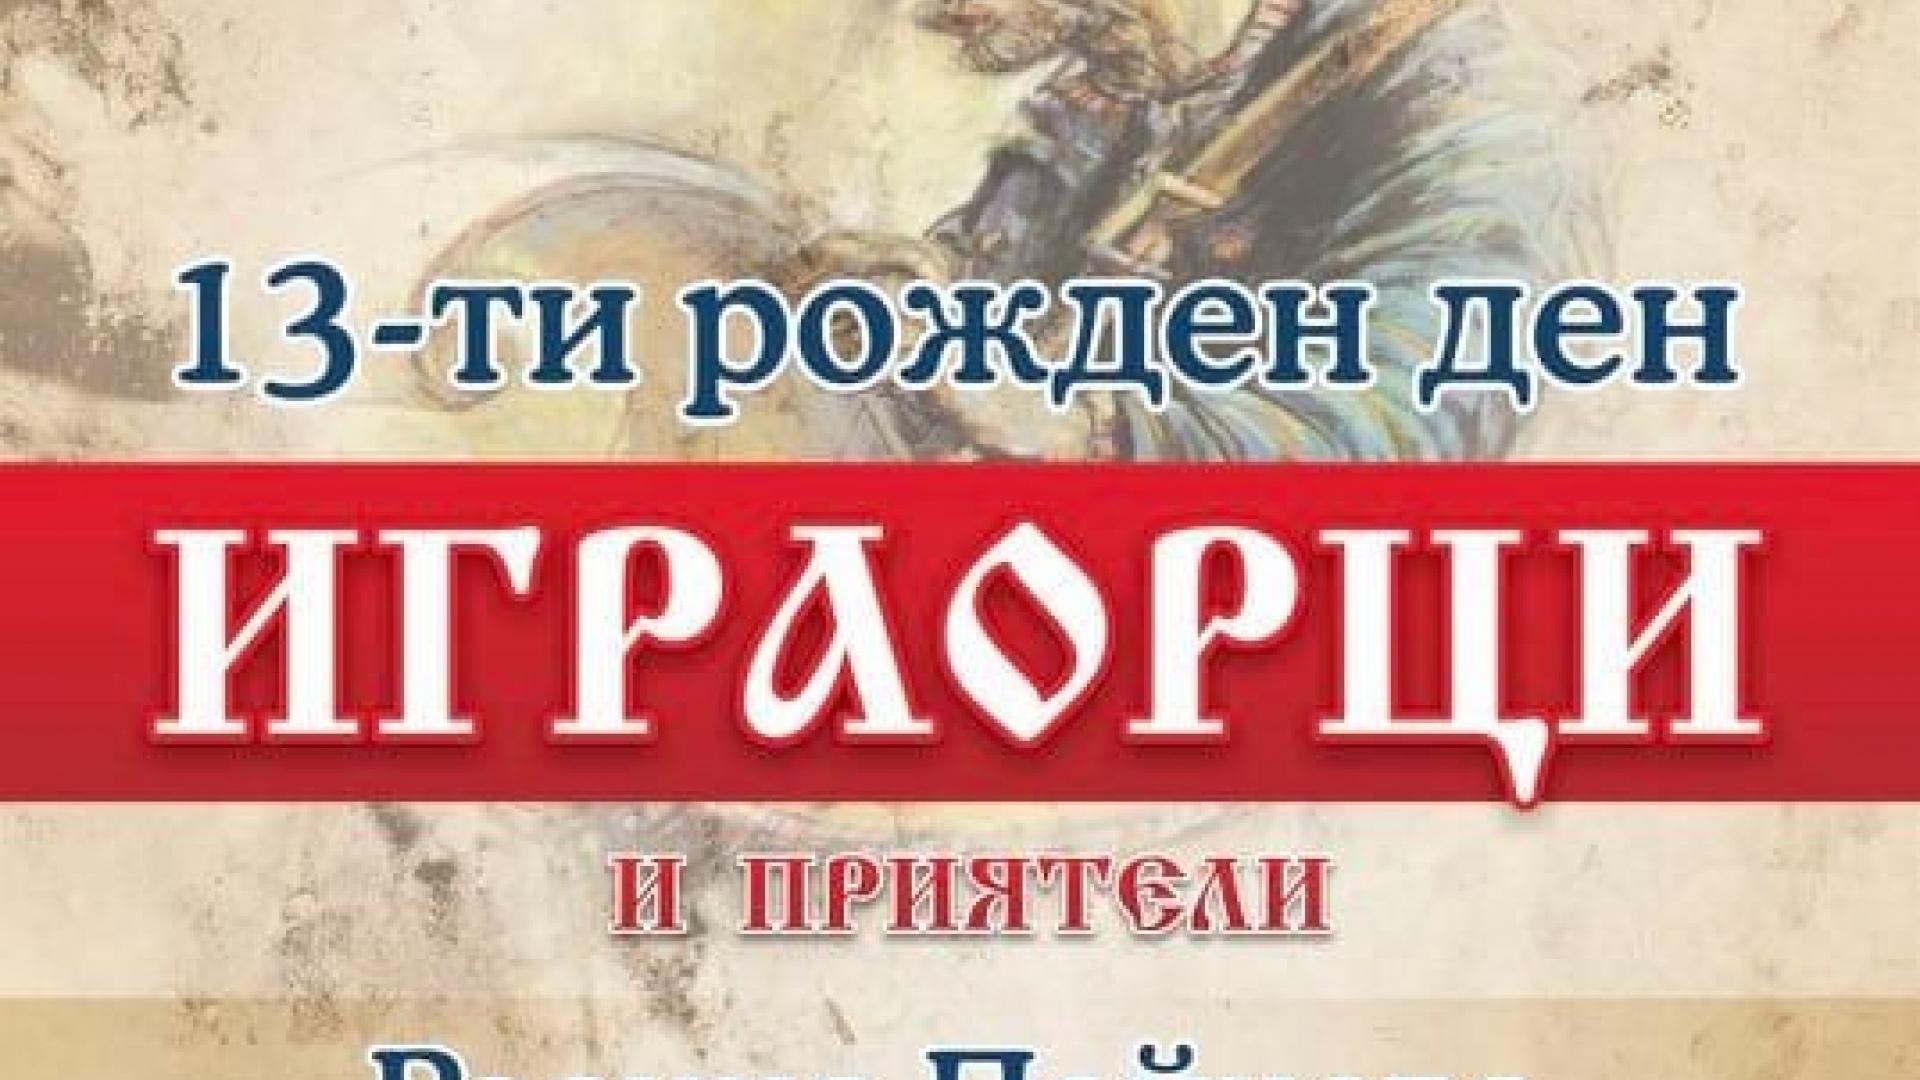 """Танцова школа """"ИГРАОРЦИ"""" празнува 13-ти рожден ден с концерт на 4-ти декември"""